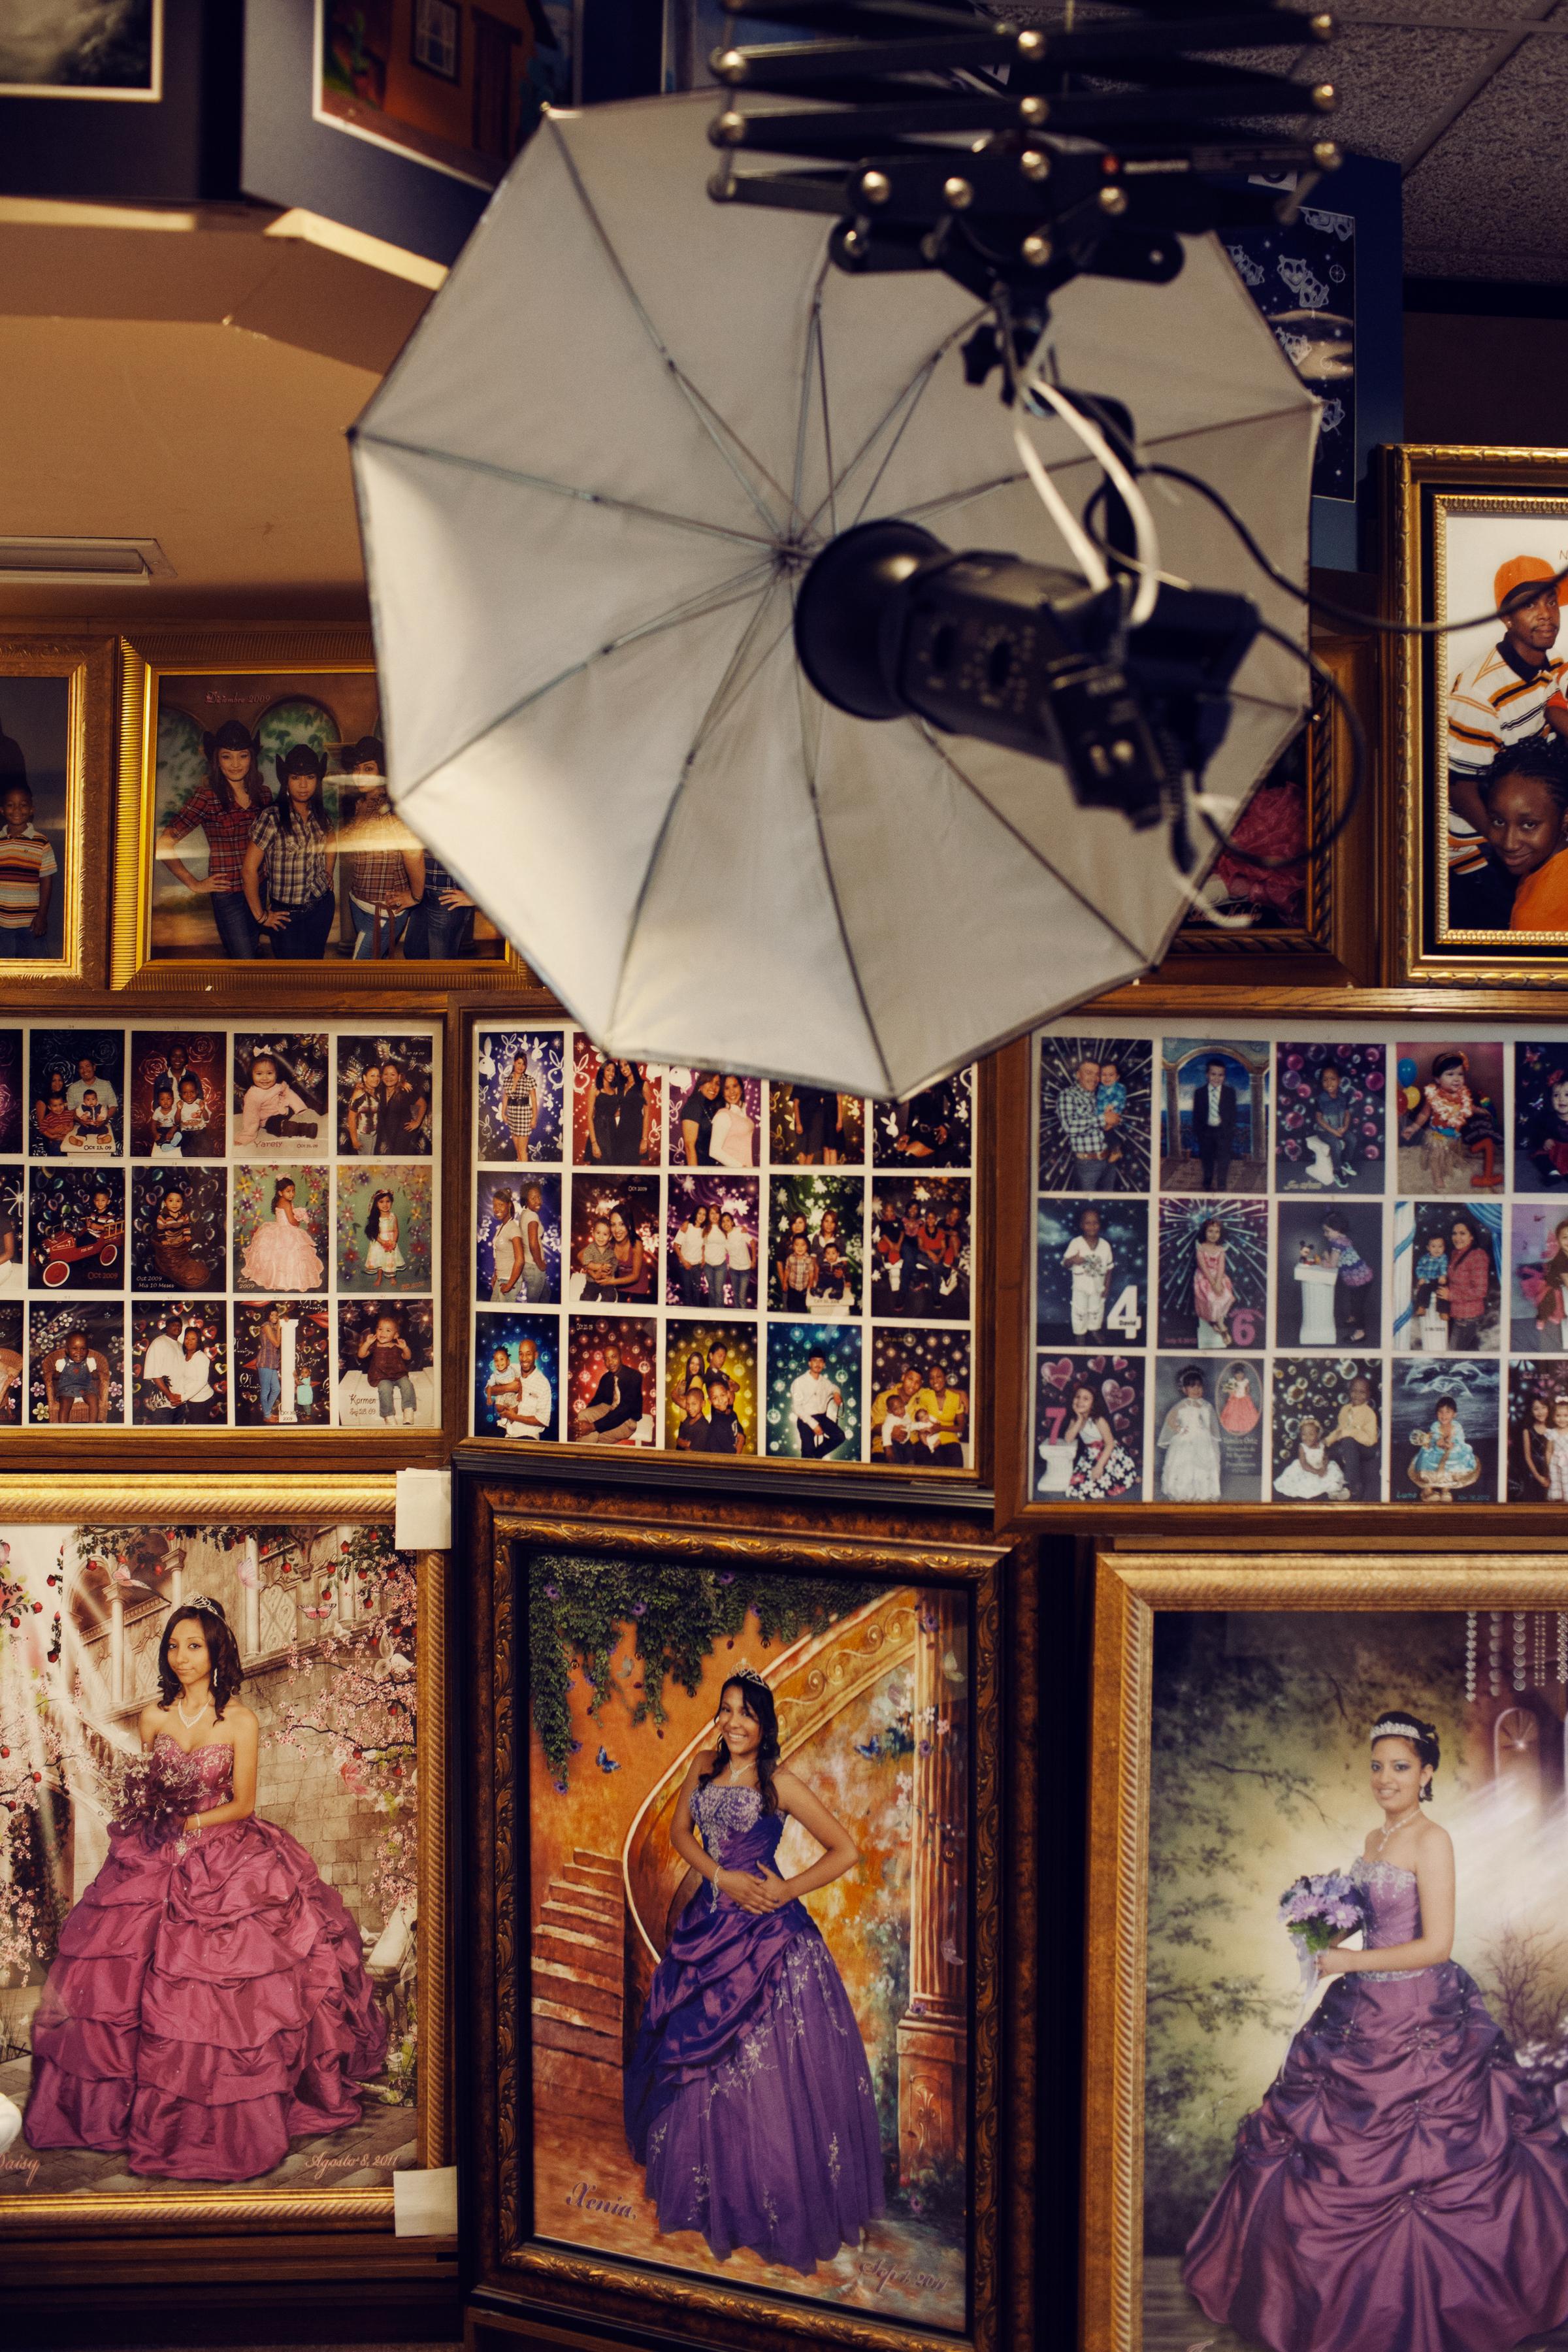 Quinceañera portraits are the main source of income for this photo studio at La Gran Plaza.